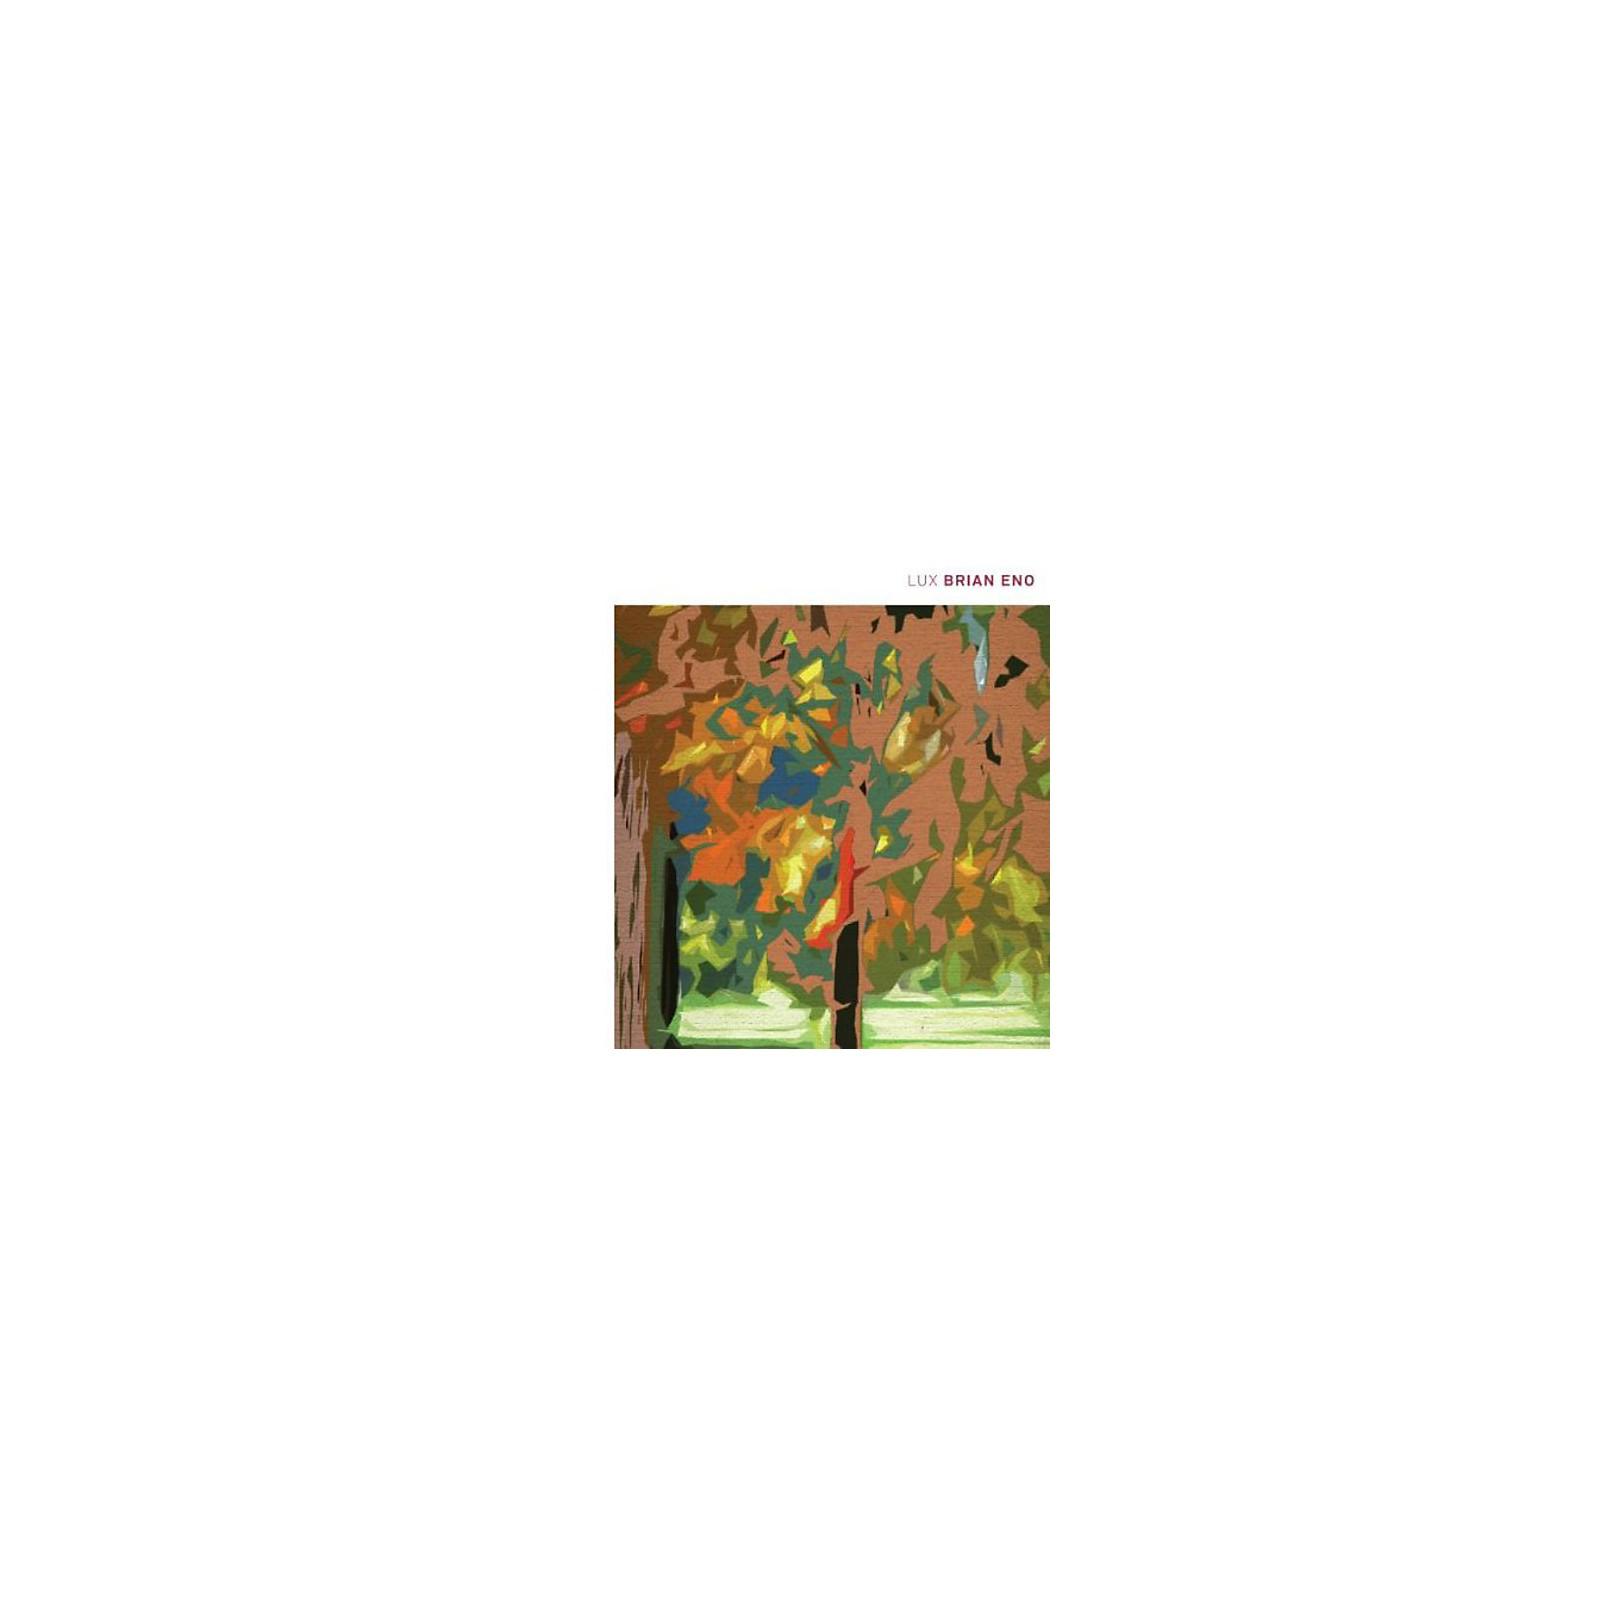 Alliance Brian Eno - Lux